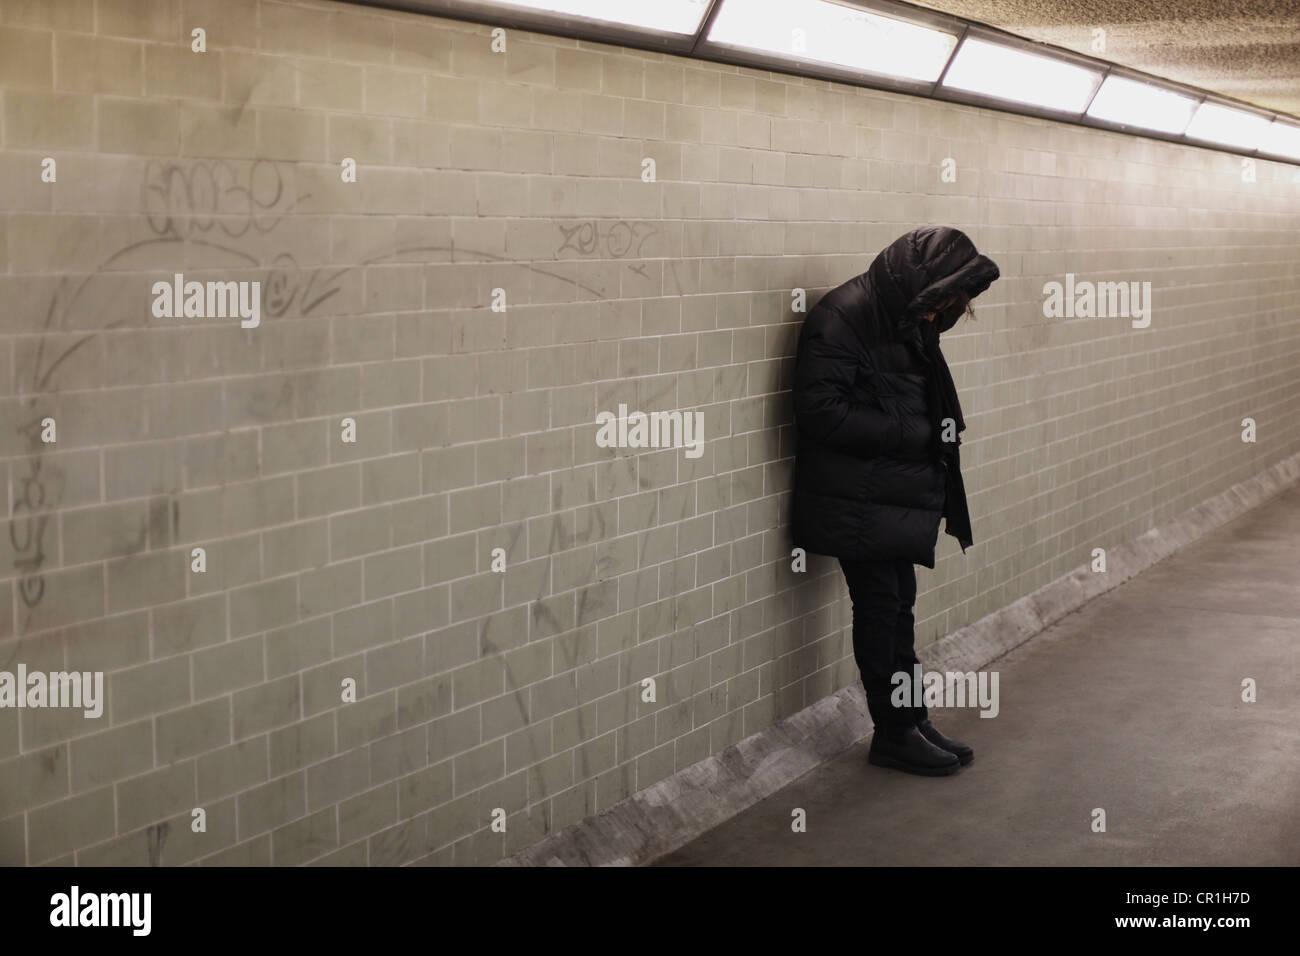 Personne à capuchon s'appuyant sur le mur du métro Photo Stock